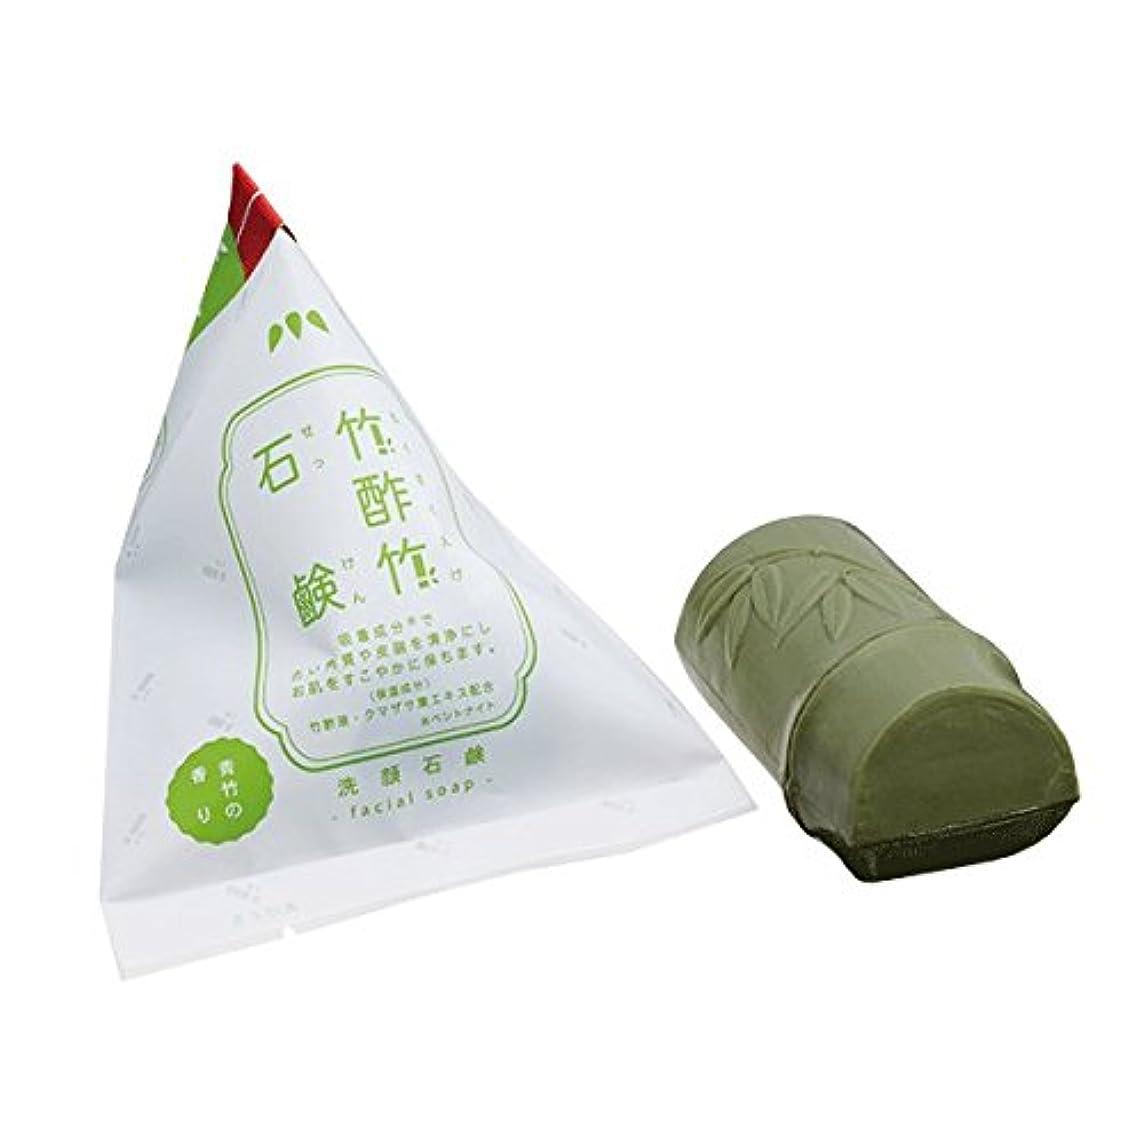 懐永遠に予備フェニックス 竹酢竹泥棒石鹸120g(5個セット)